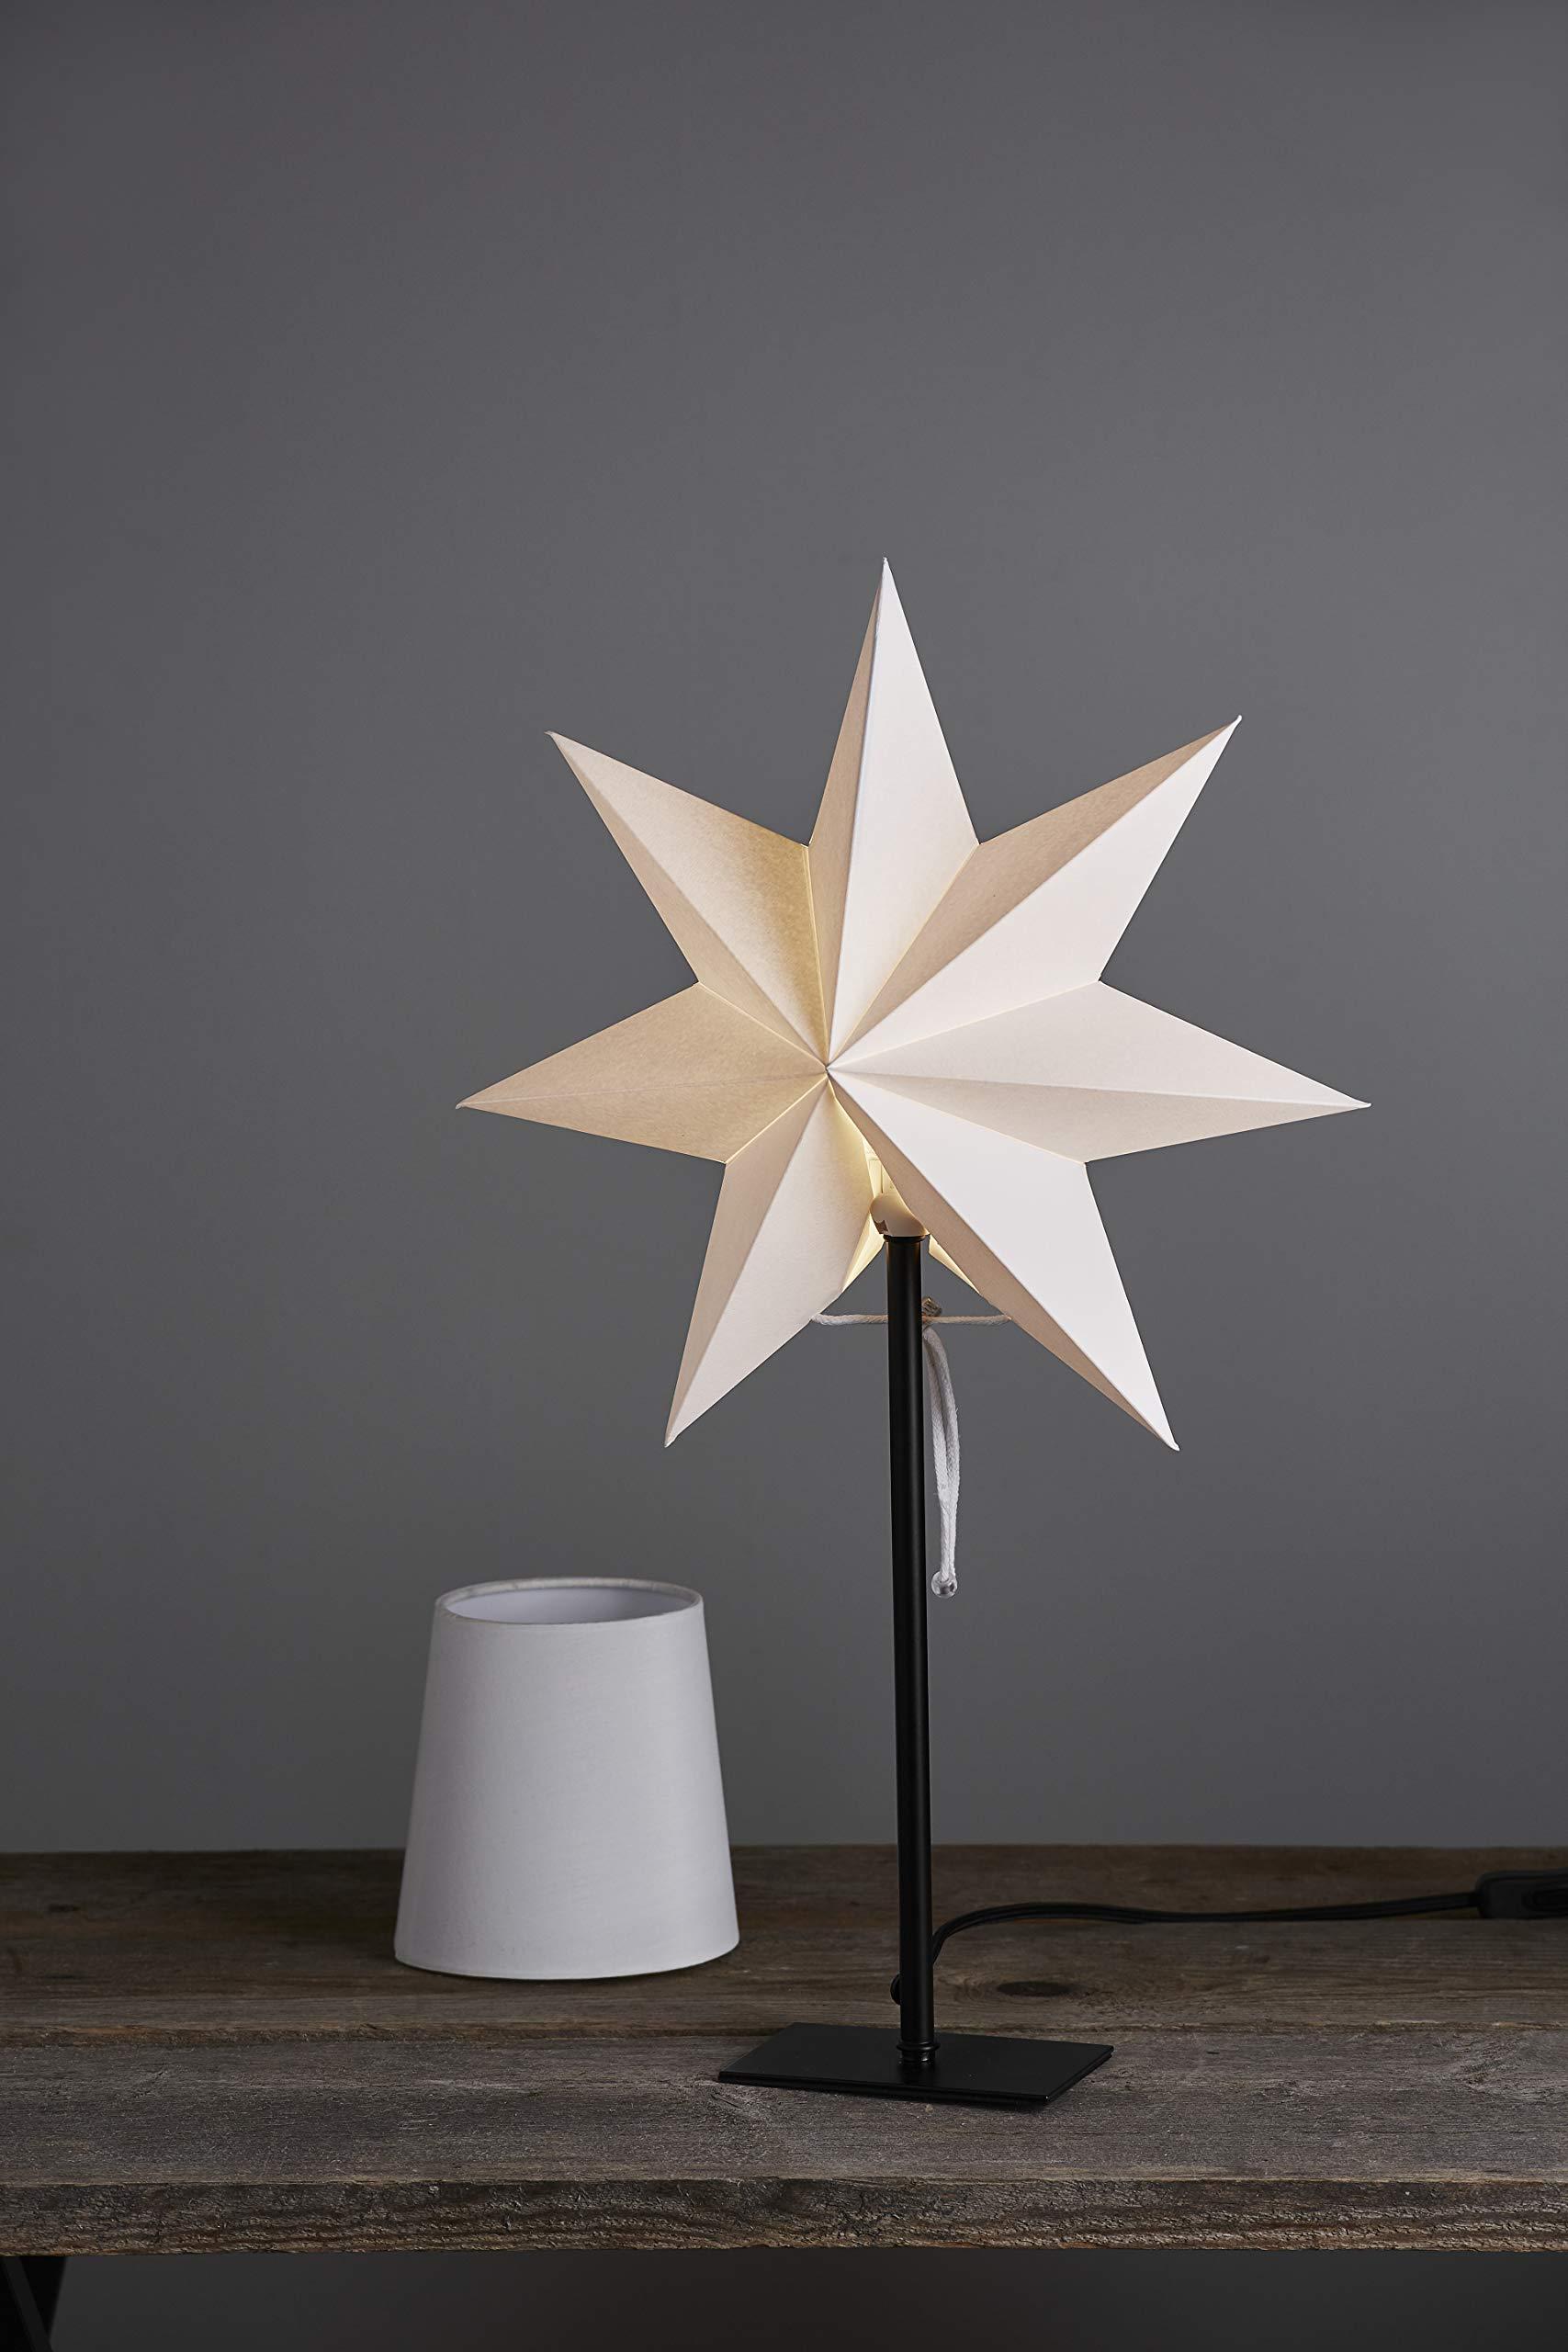 Star-Combi-Pack-Frozen-Stern-und-Lampenschirm-E14-Papier-wei